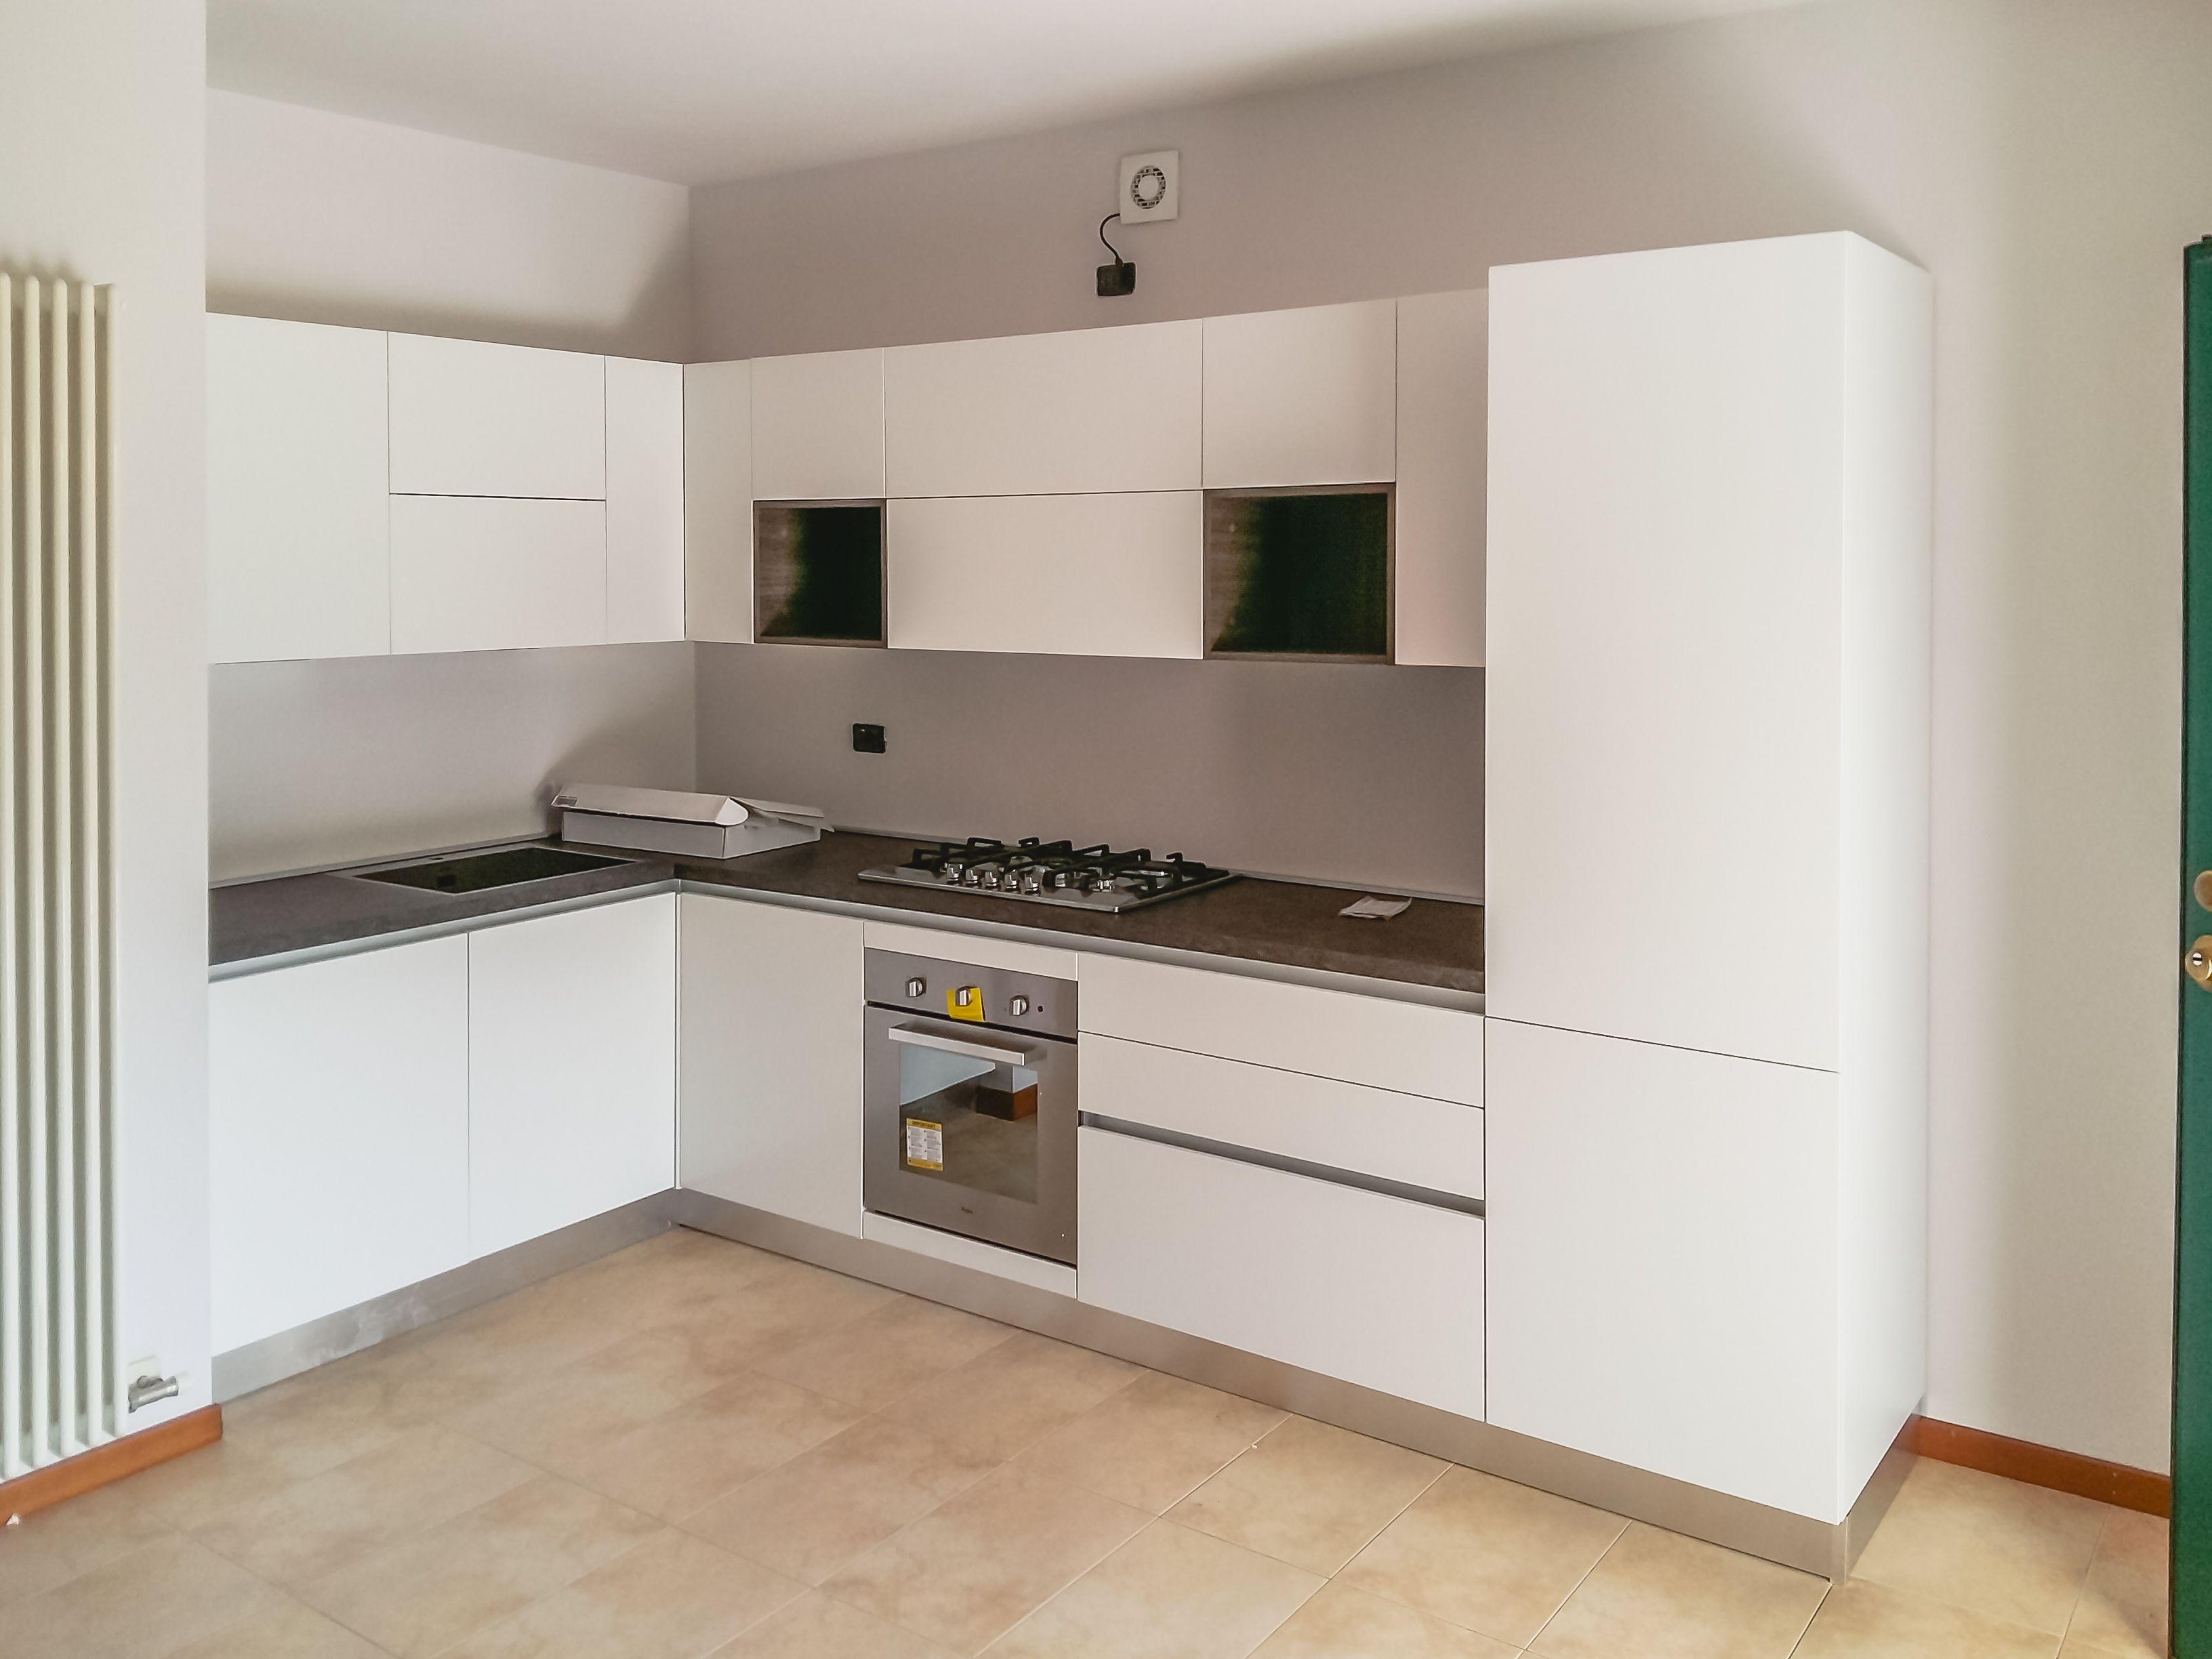 Cucina - Artec - Lungomare - laccato bianco opaco - gola ...